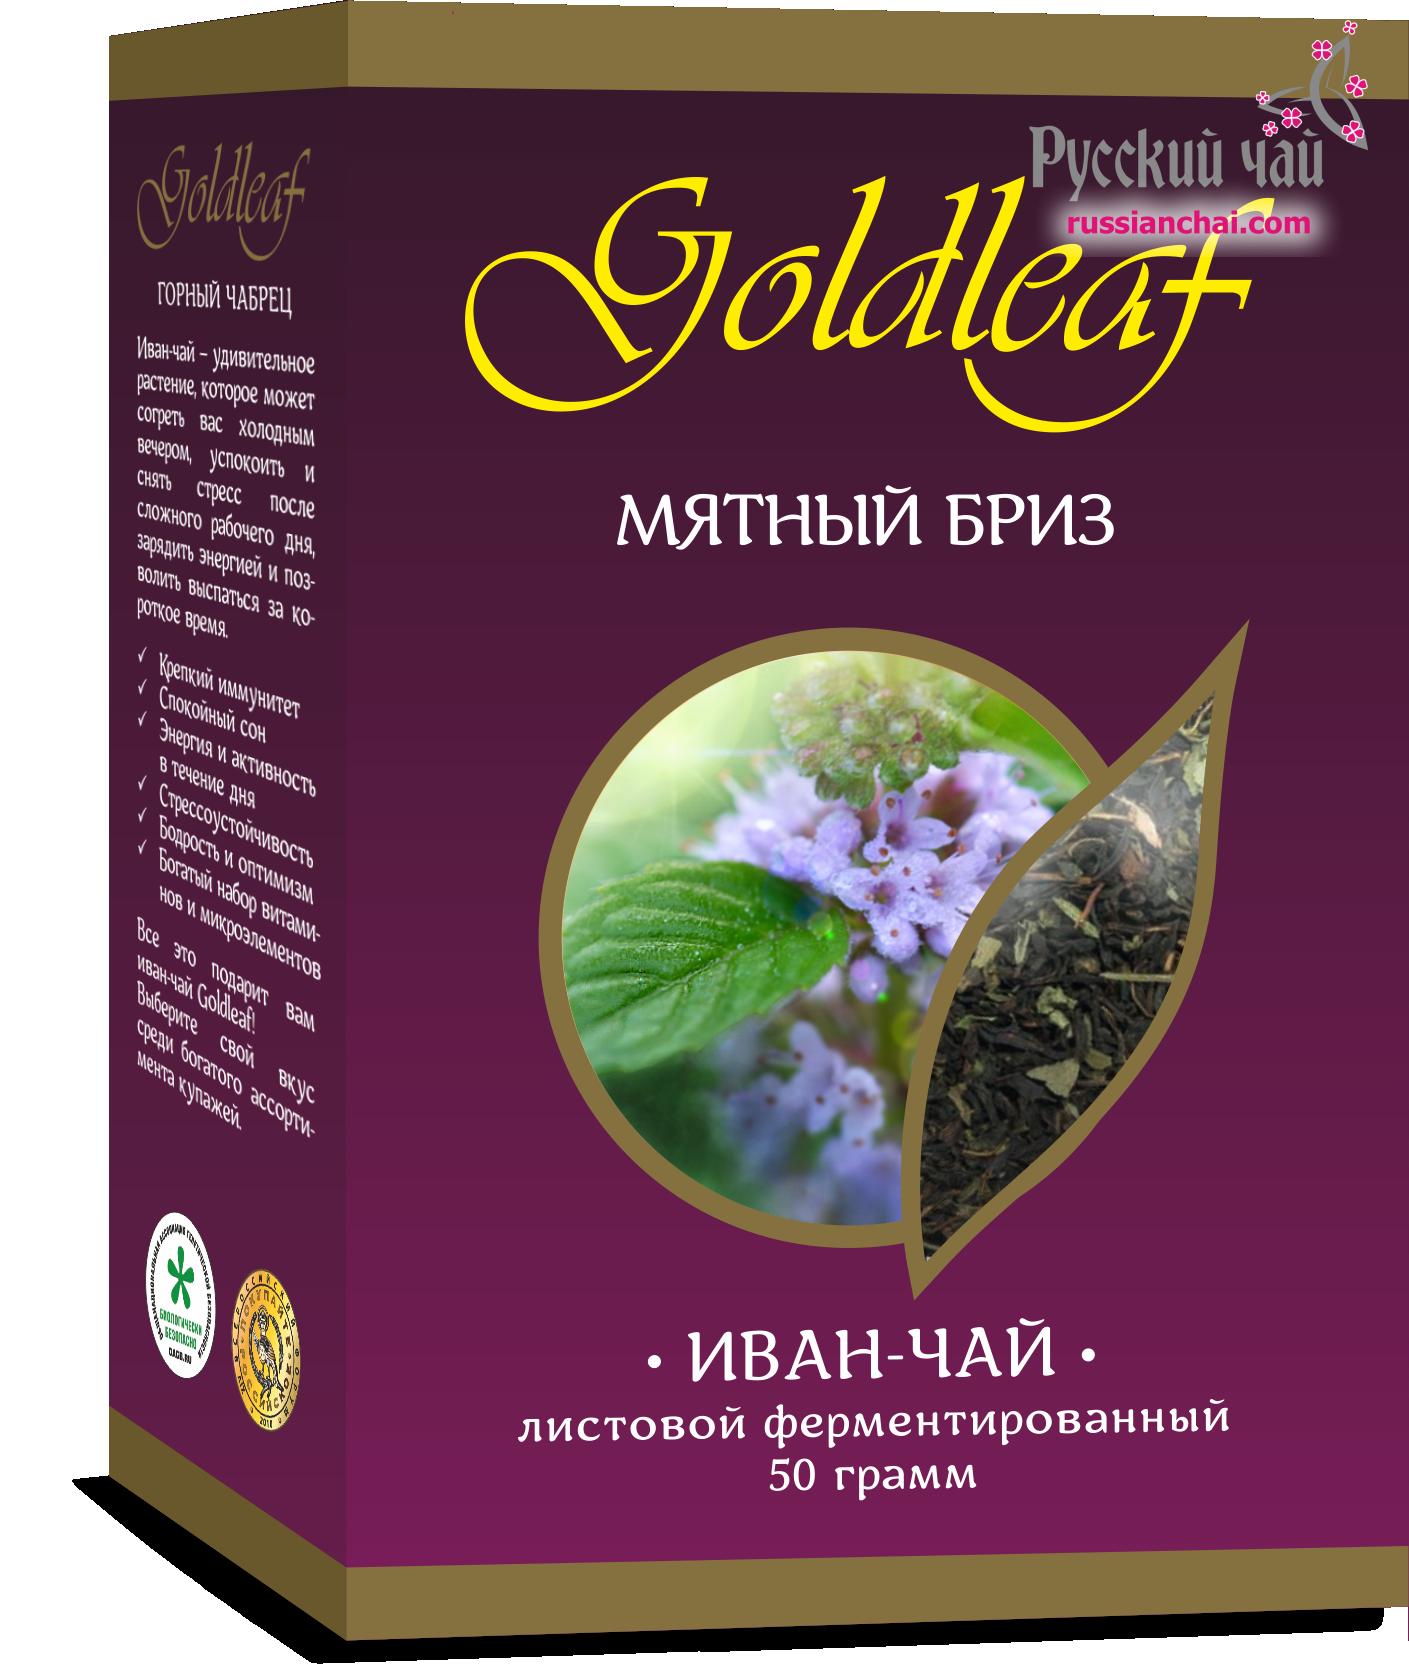 Иван-чай «Мятный бриз»